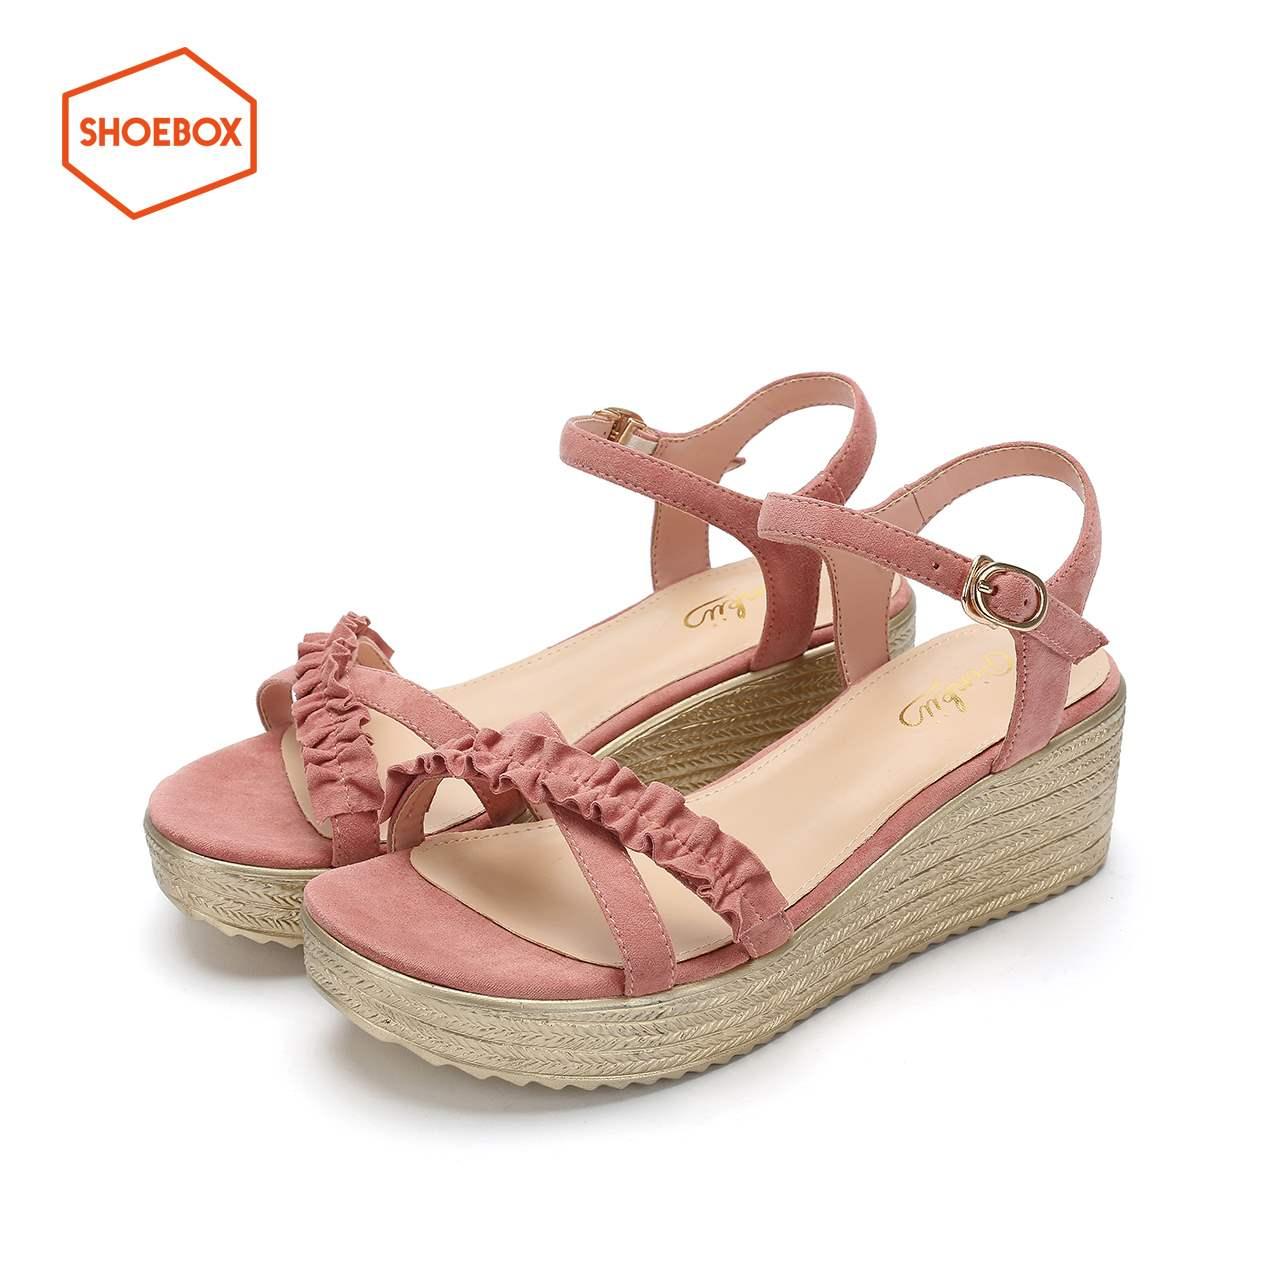 个性凉鞋1119303705时尚花边交叉带鞋面可调节踝带女